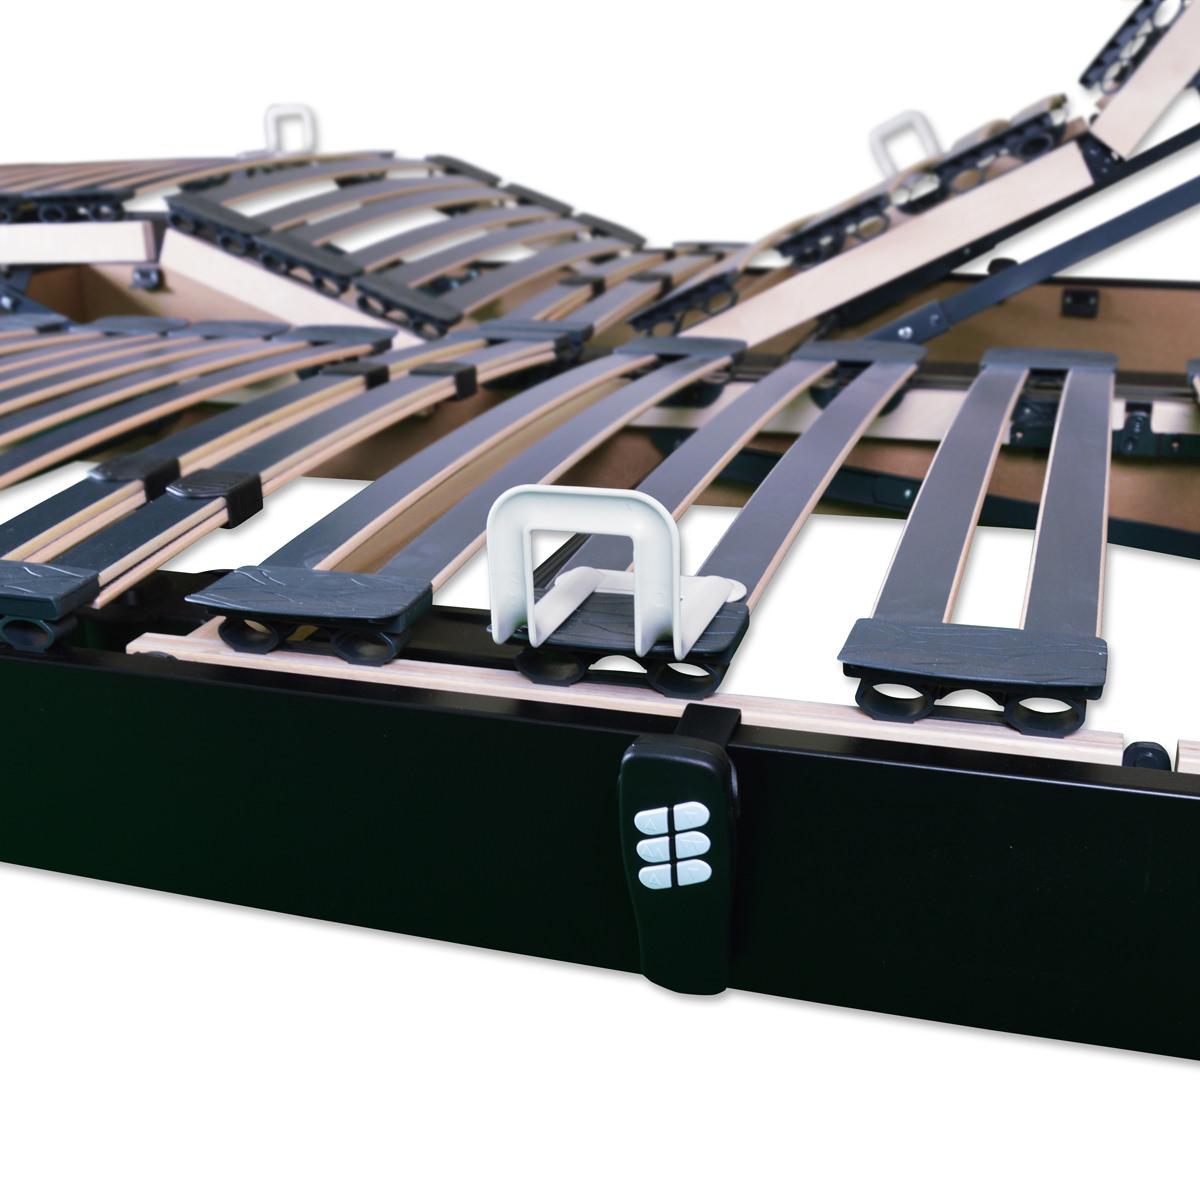 détail d'un élément d'un sommier électrique nécessaire pour réaliser une modélisation 3D de meuble